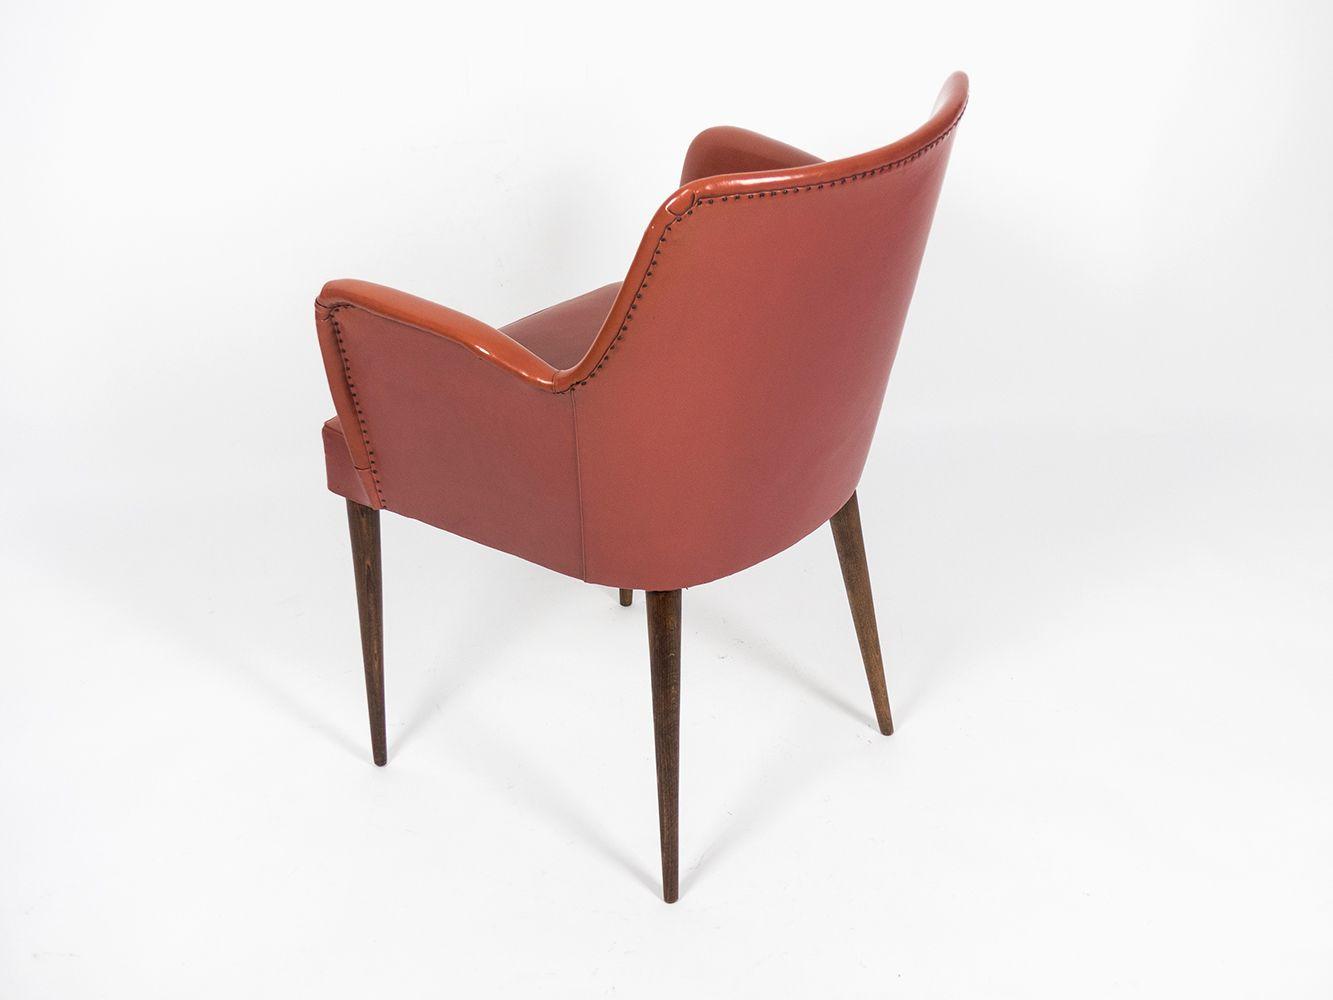 Vintage p35 armchair by osvaldo borsani for arredamenti for Molteni arredamenti varedo